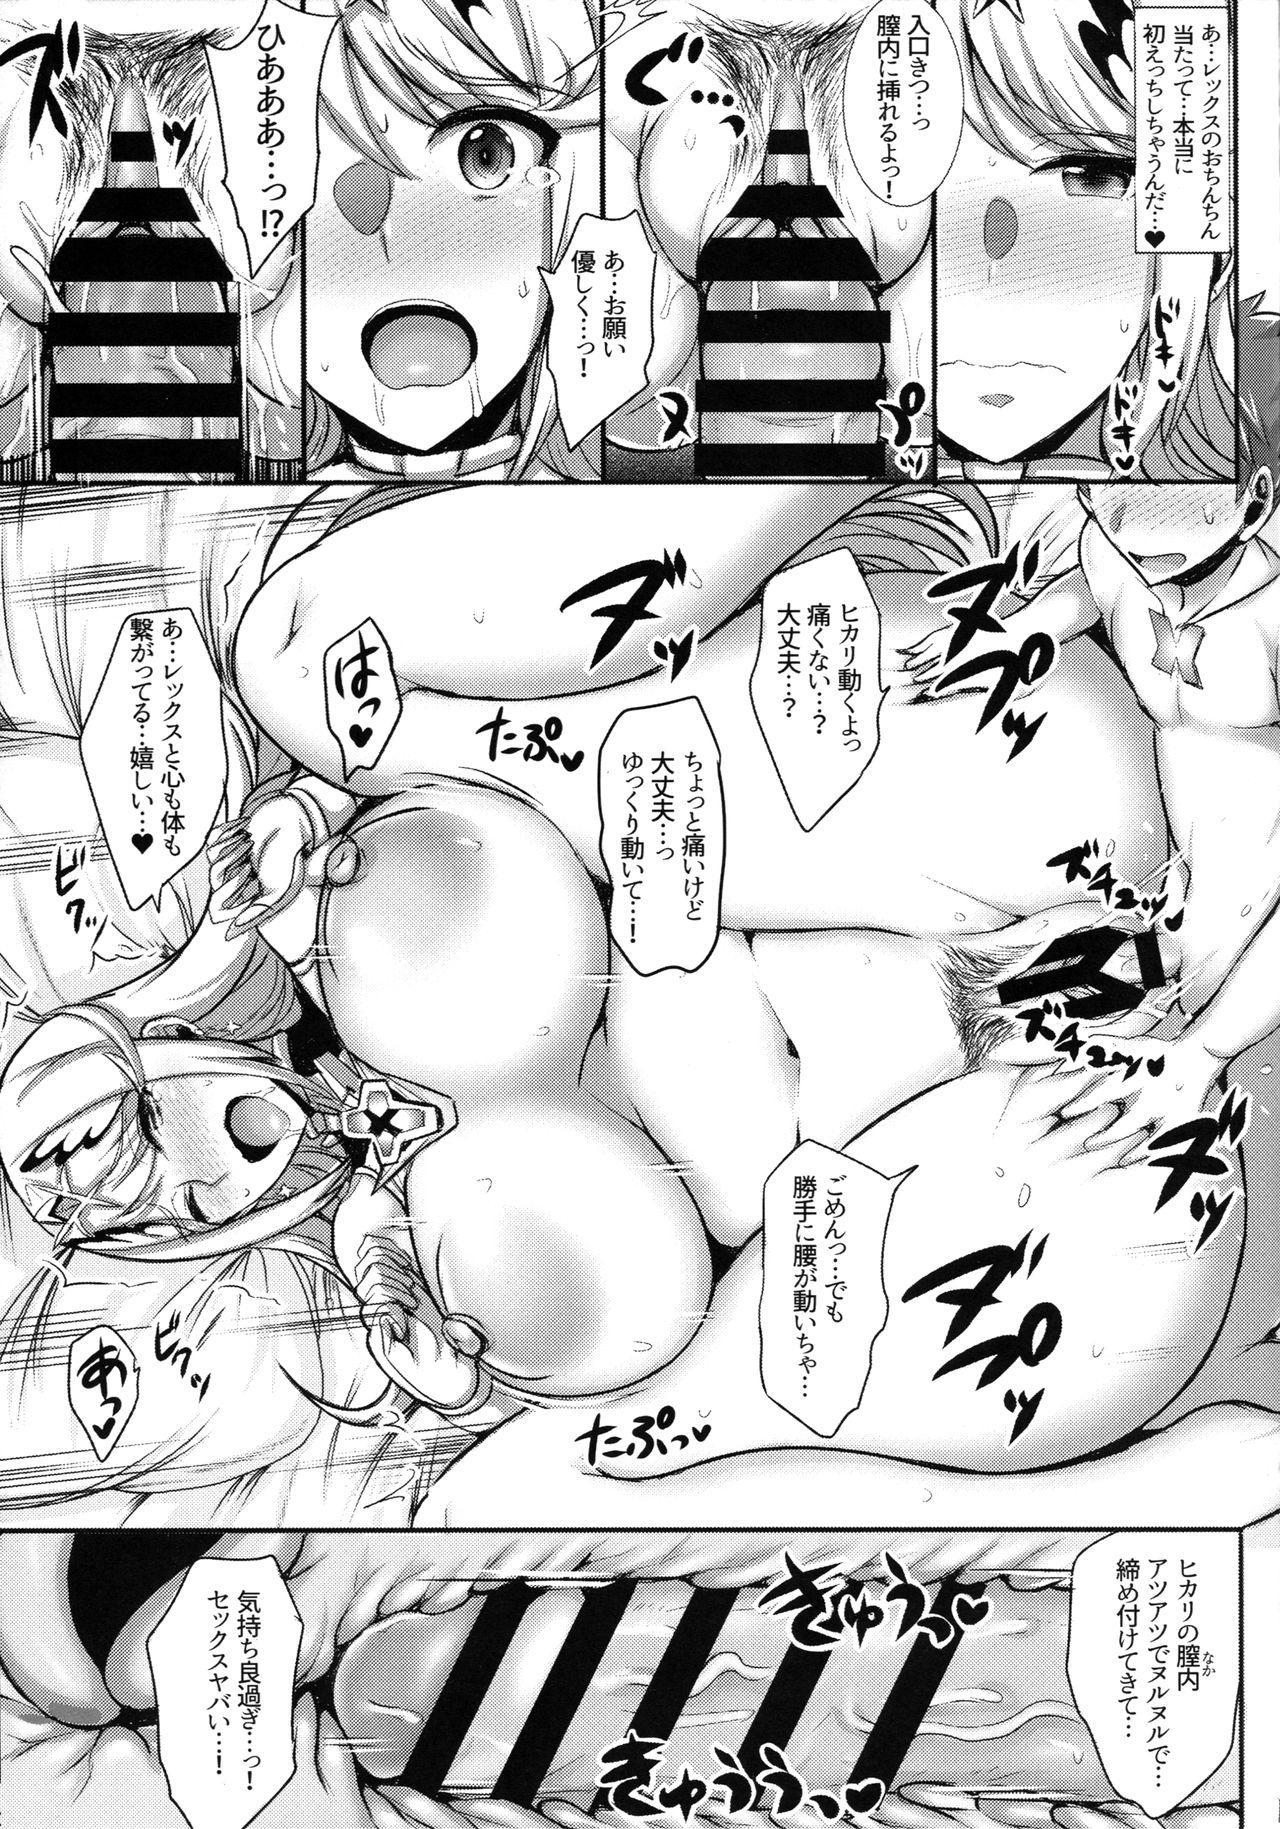 Hikari-chan ga Oshiete Ageru 11